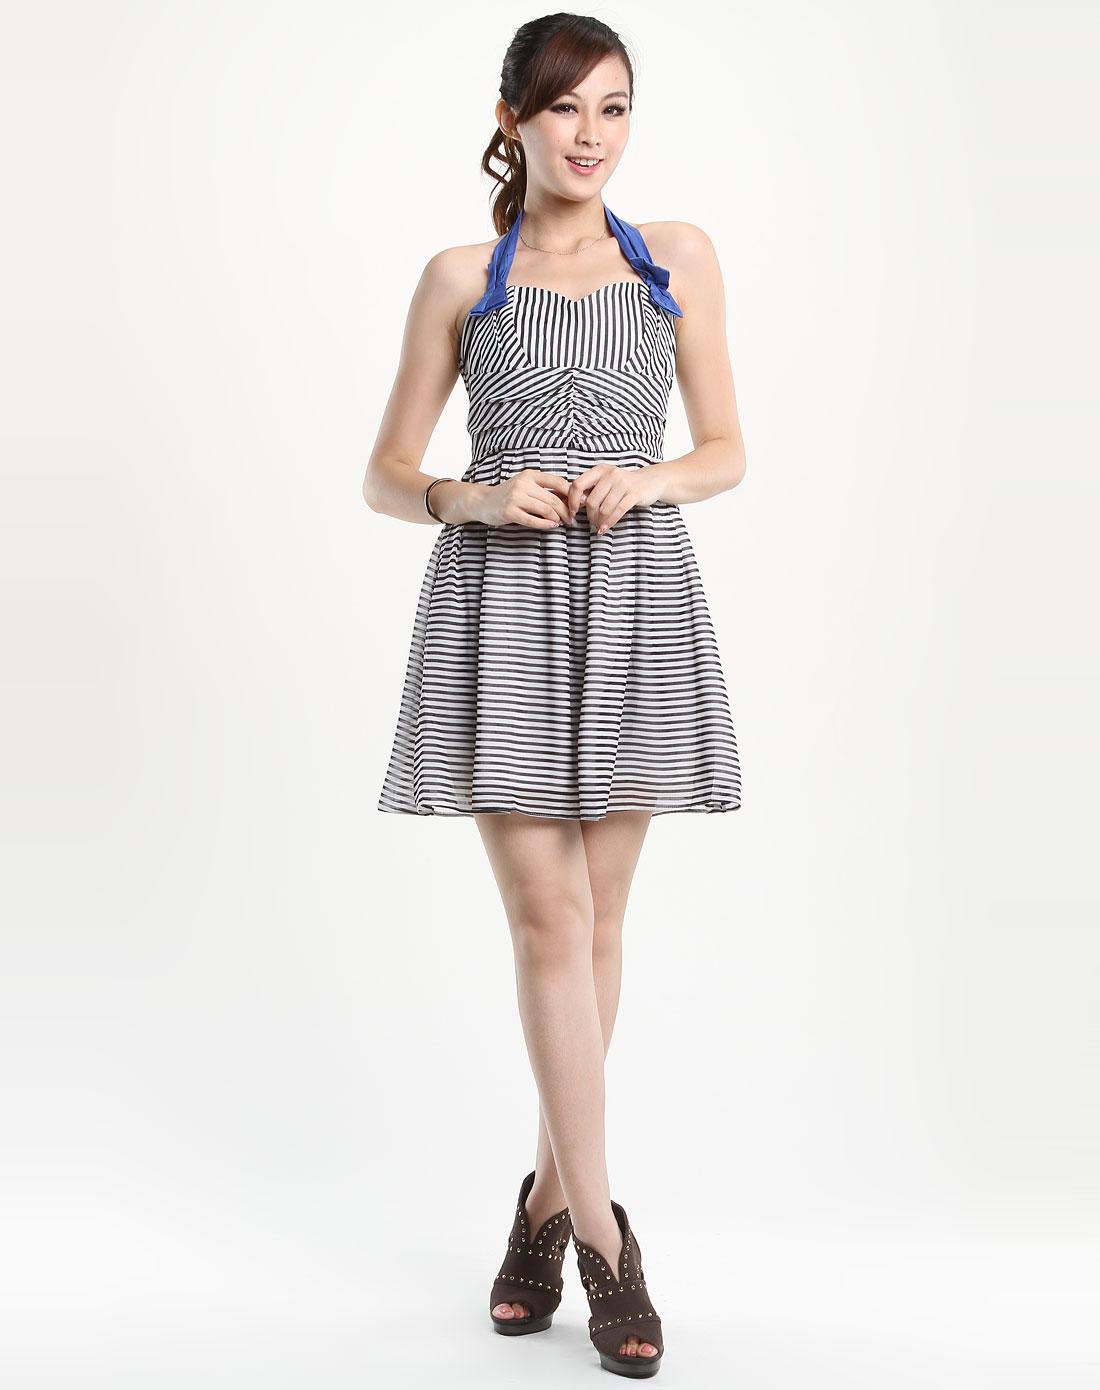 黑白条纹吊带性感露背连衣裙